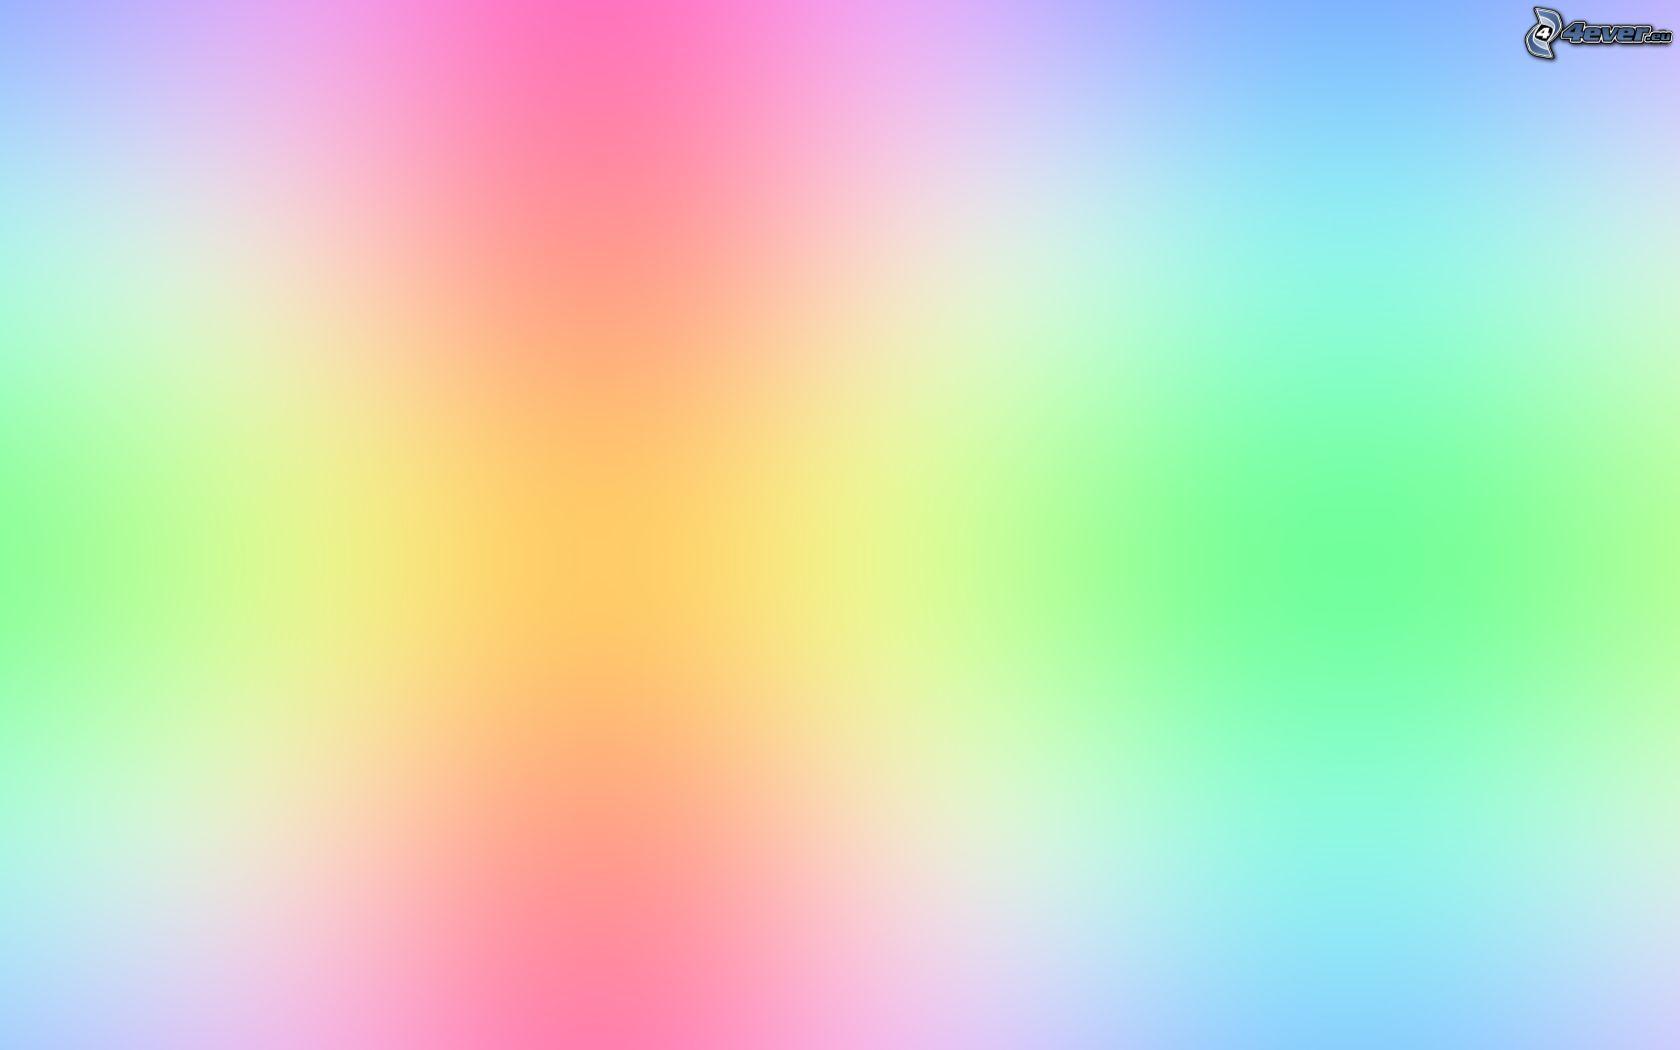 cute colorful backgrounds wallpapersafari